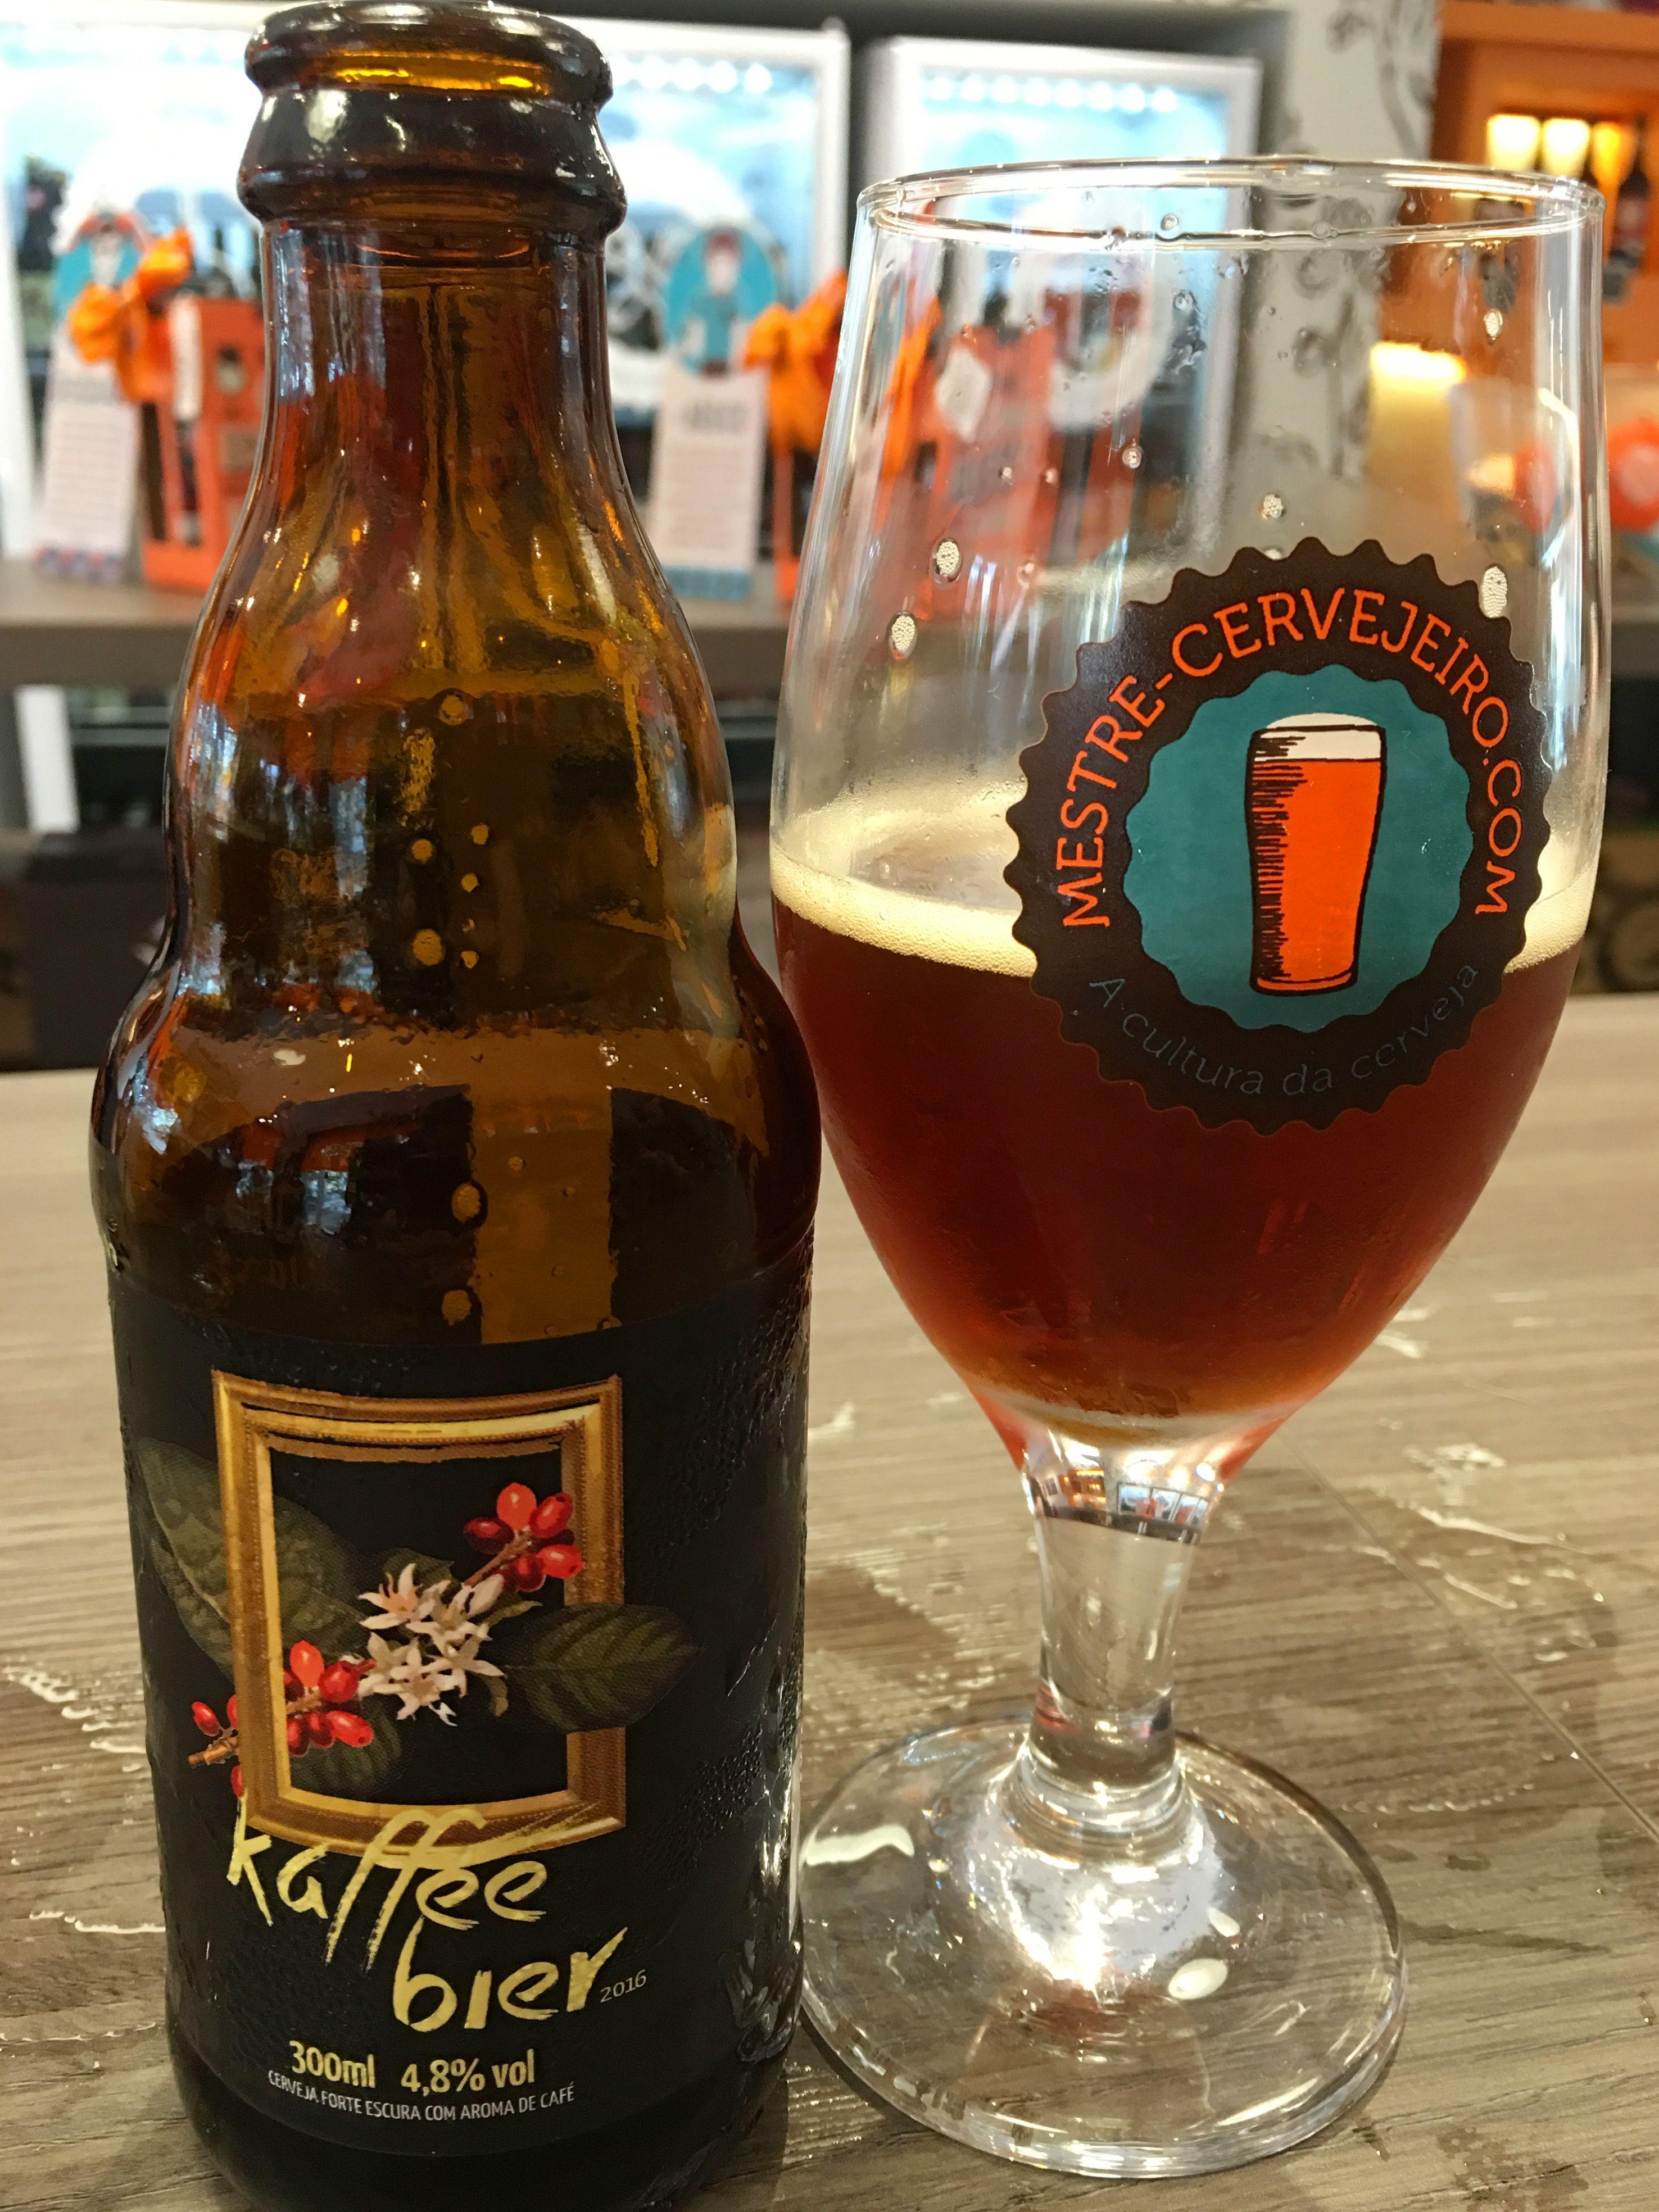 Von Borstel Kaffee Bier #cerveja #beer